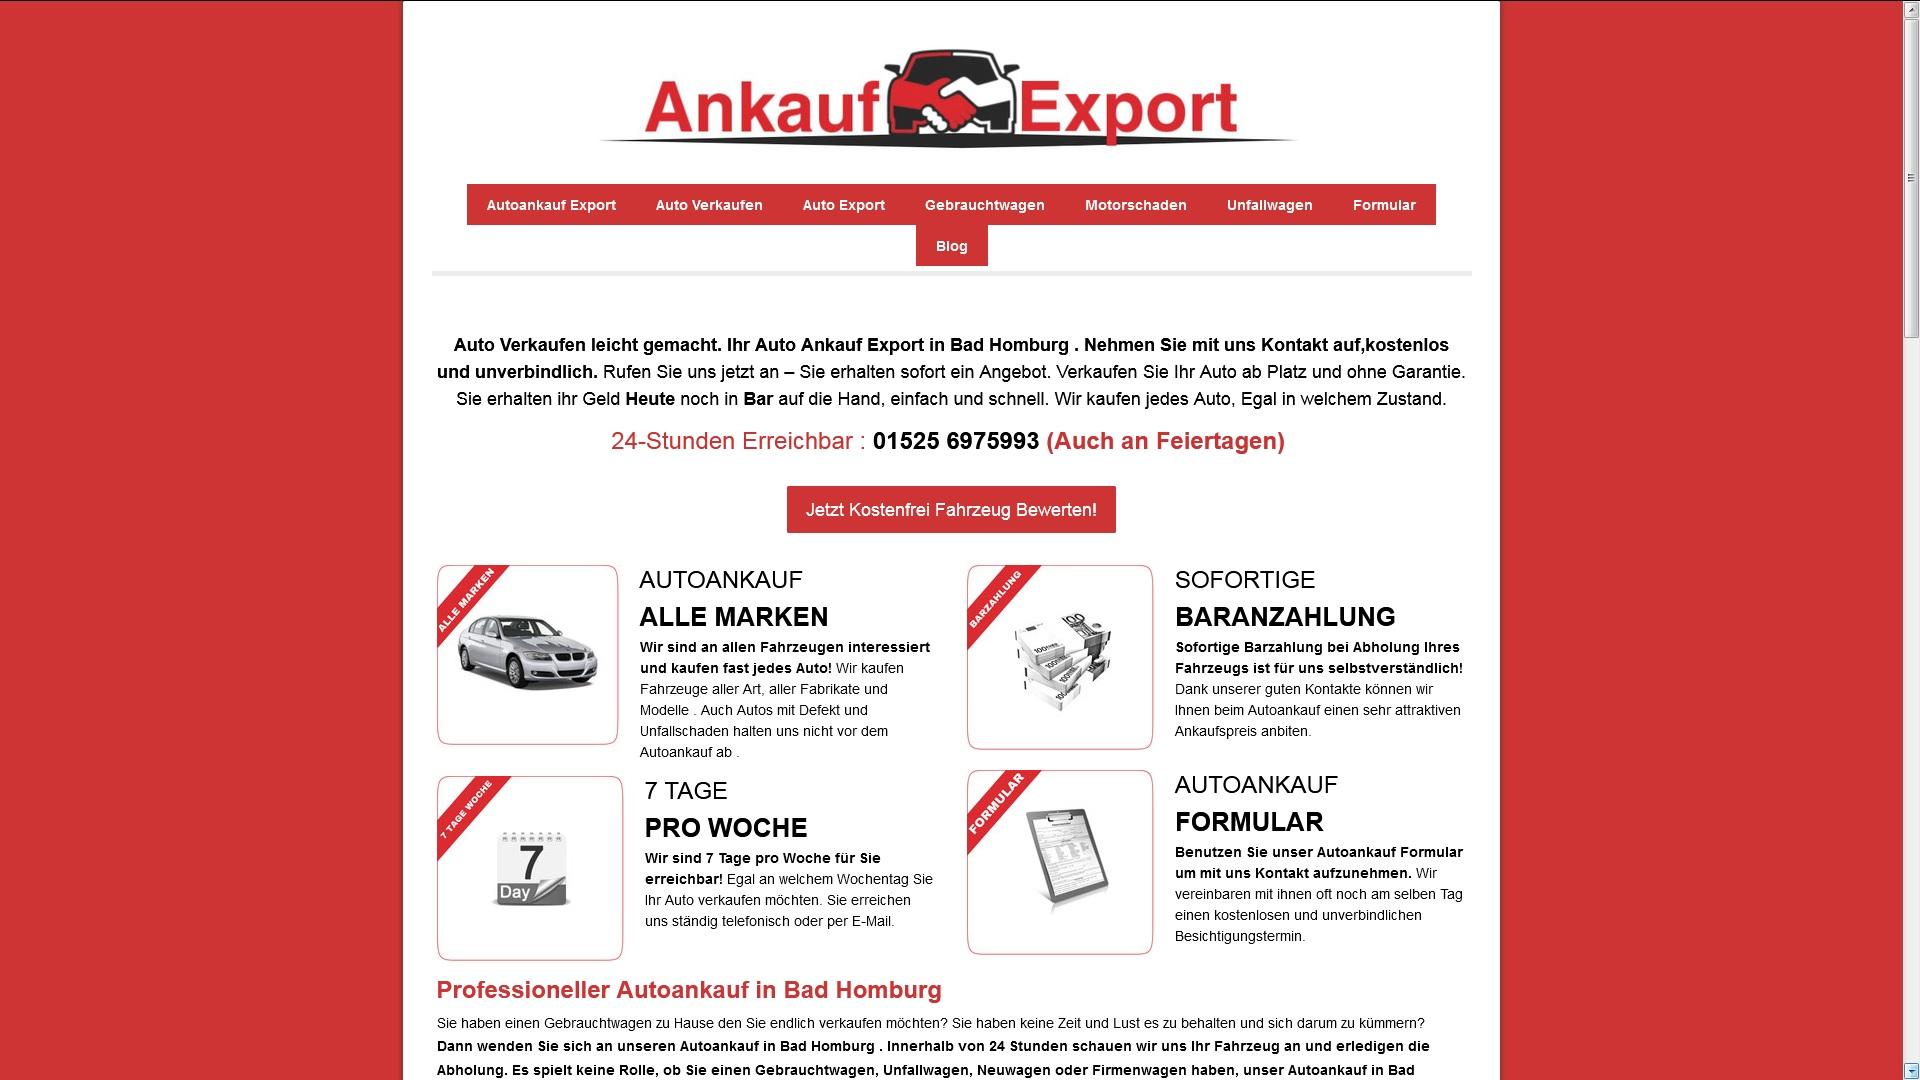 Autoanakuf Göttingen